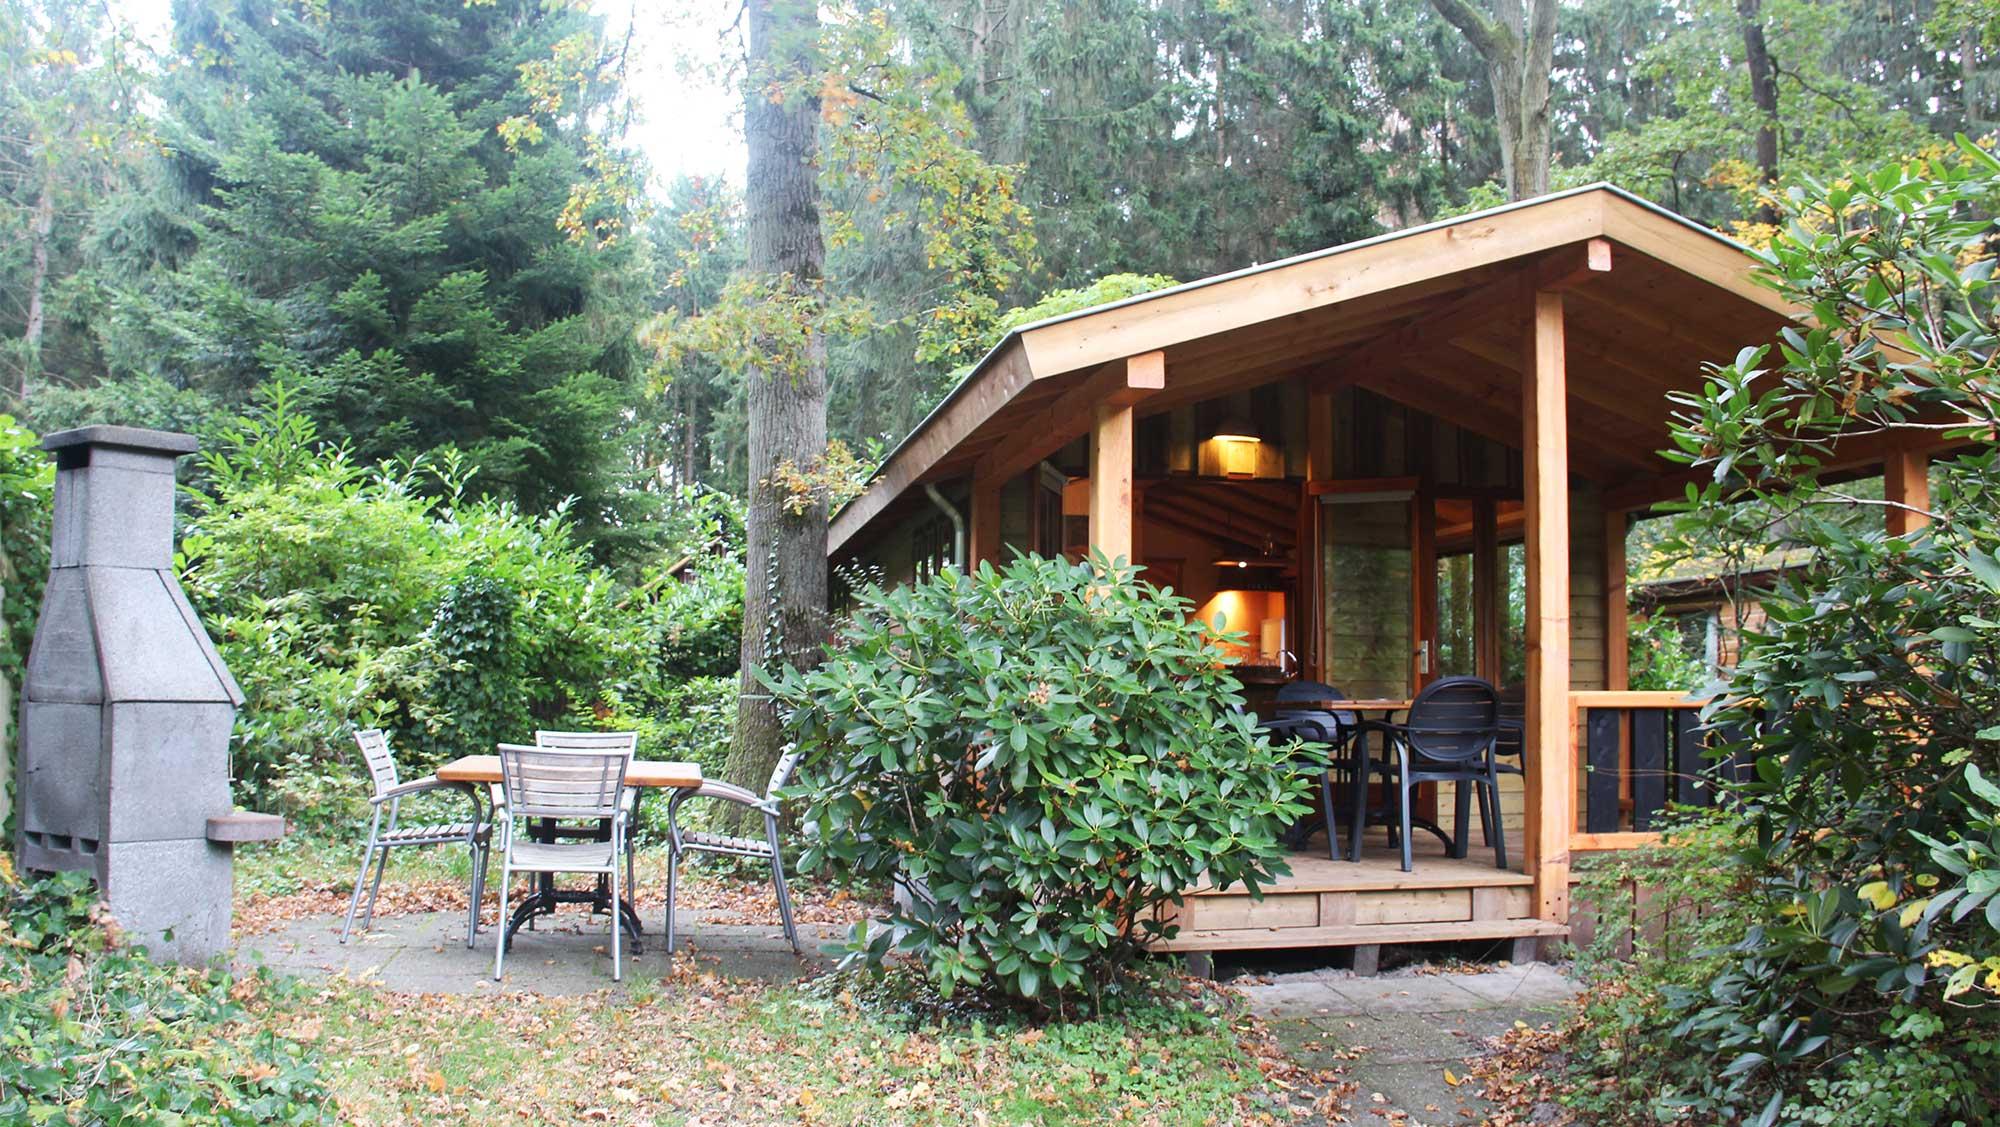 4pers bungalow bos huus Molecaten Park Landgoed Molecaten 01